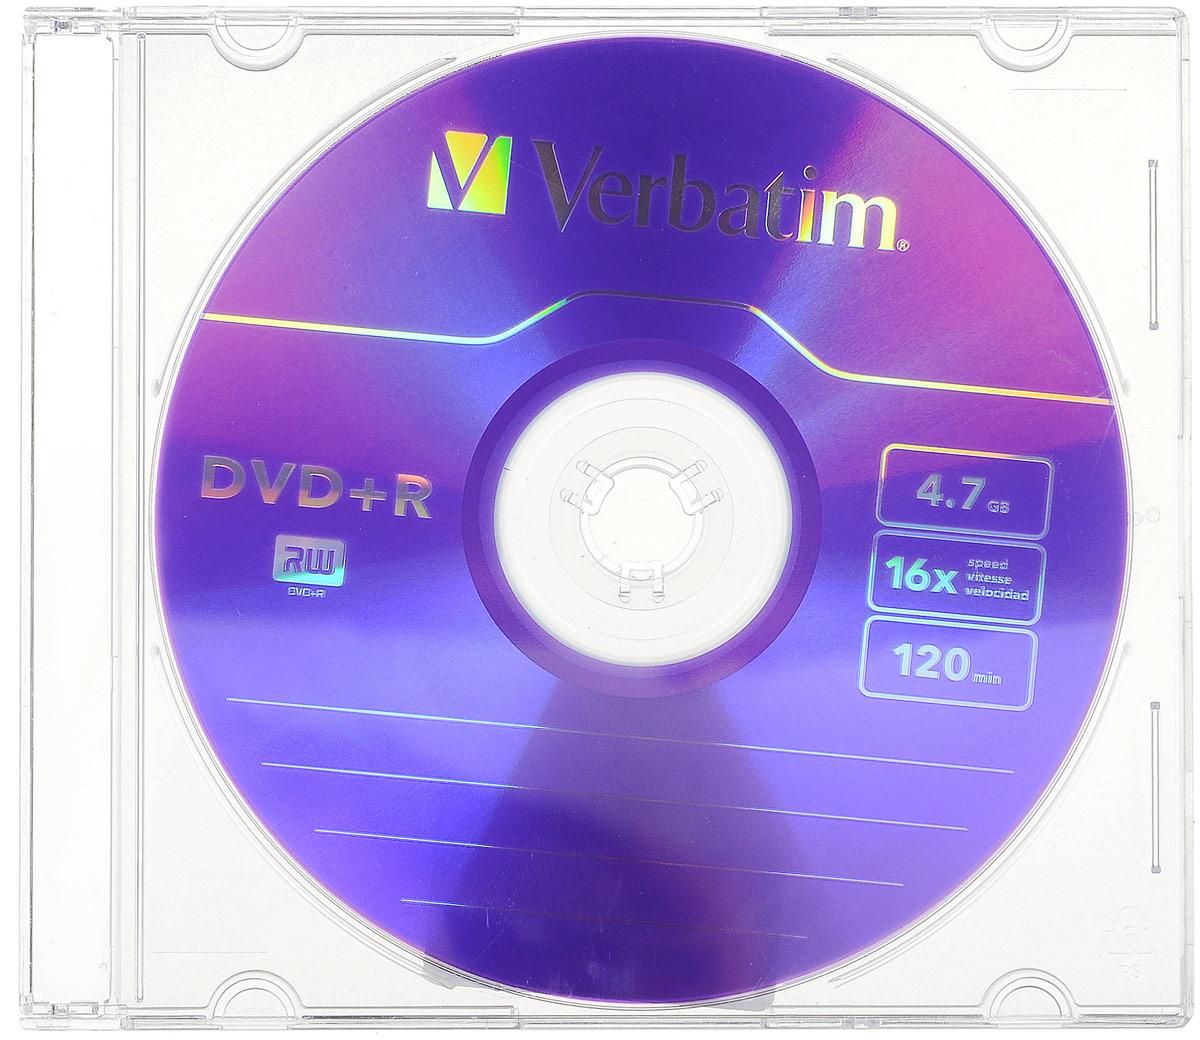 Verbatim DVD+R 4.7Gb 16x, 1 шт43556В дисках Verbatim используется технология MKM/Verbatim, обеспечивающая непревзойденное качество записи. Тесное сотрудничество отдела исследований и разработок компании Mitsubishi Chemical с производителями дисководов обеспечивает широкую совместимость дисков Verbatim, что делает их идеальными носителями для передачи компьютерных данных, домашних видеофильмов, фотографий и музыки. Уважаемые клиенты! Обращаем ваше внимание на цветовой ассортимент товара. Поставка осуществляется в зависимости от наличия на складе.